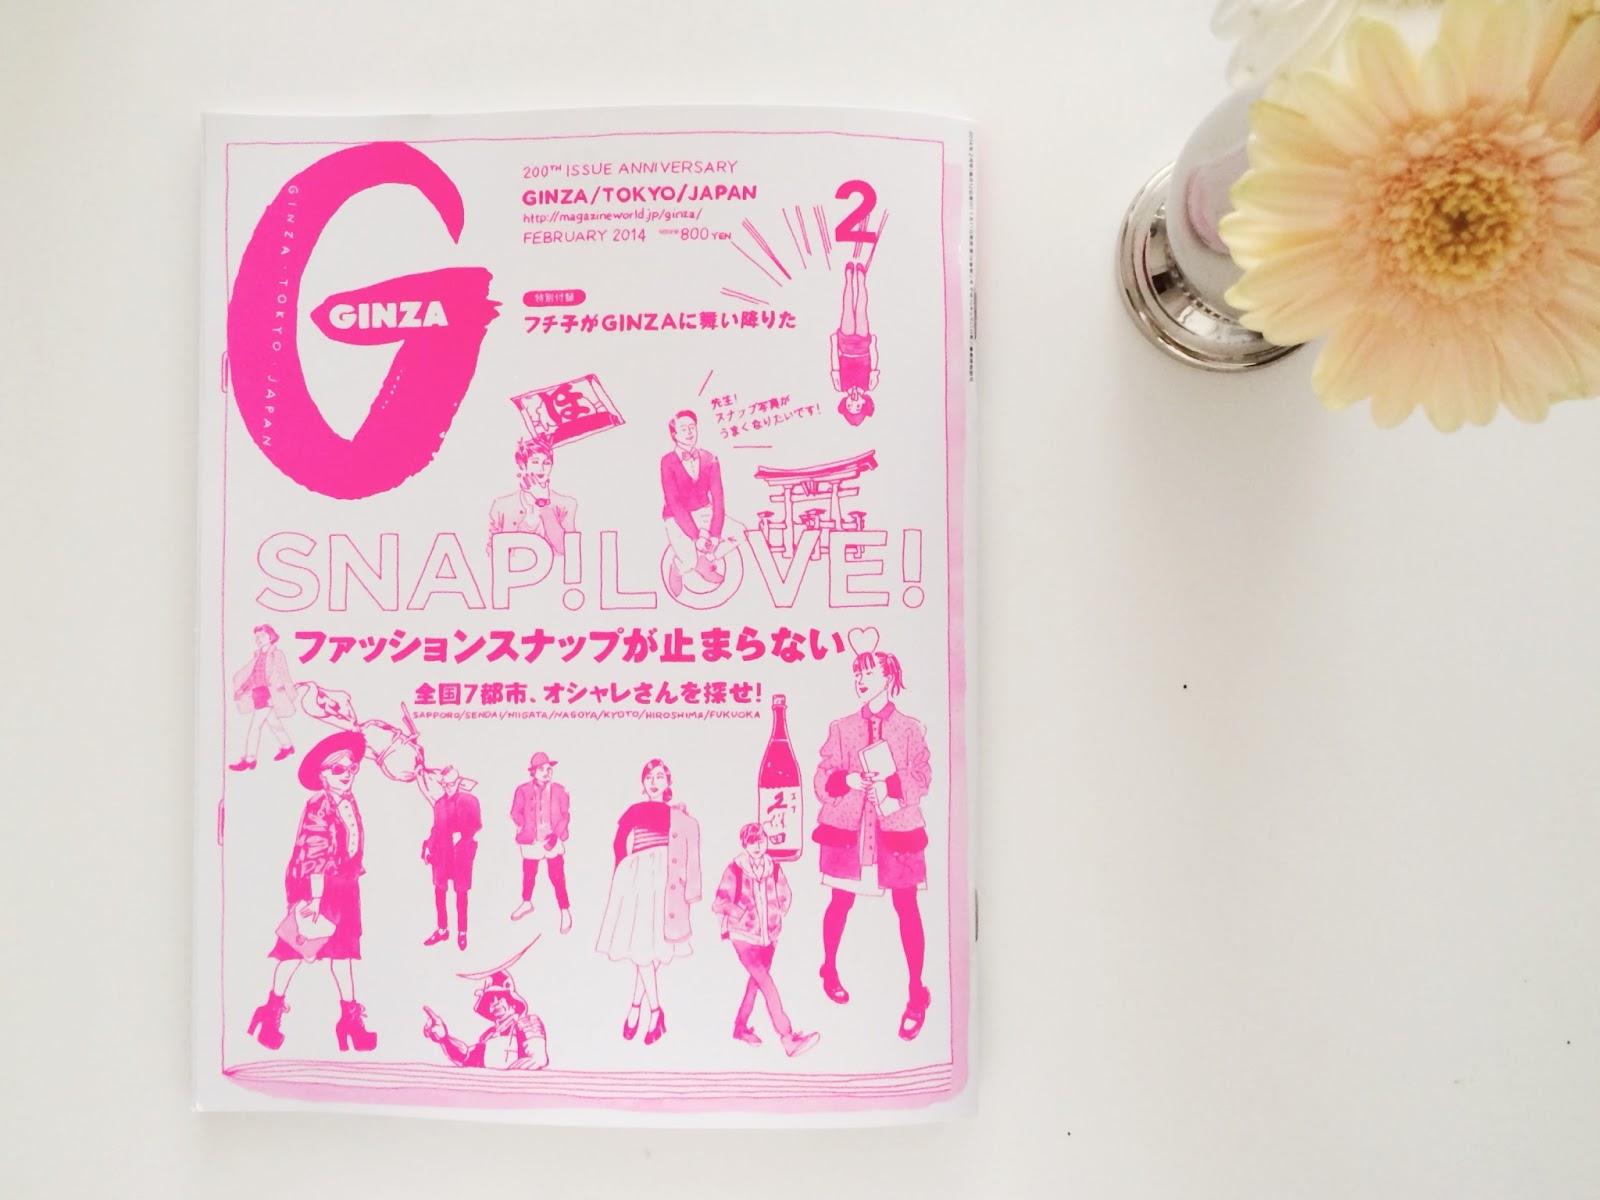 GINZA Feb 2014 – インスタ講座はじまるよー!